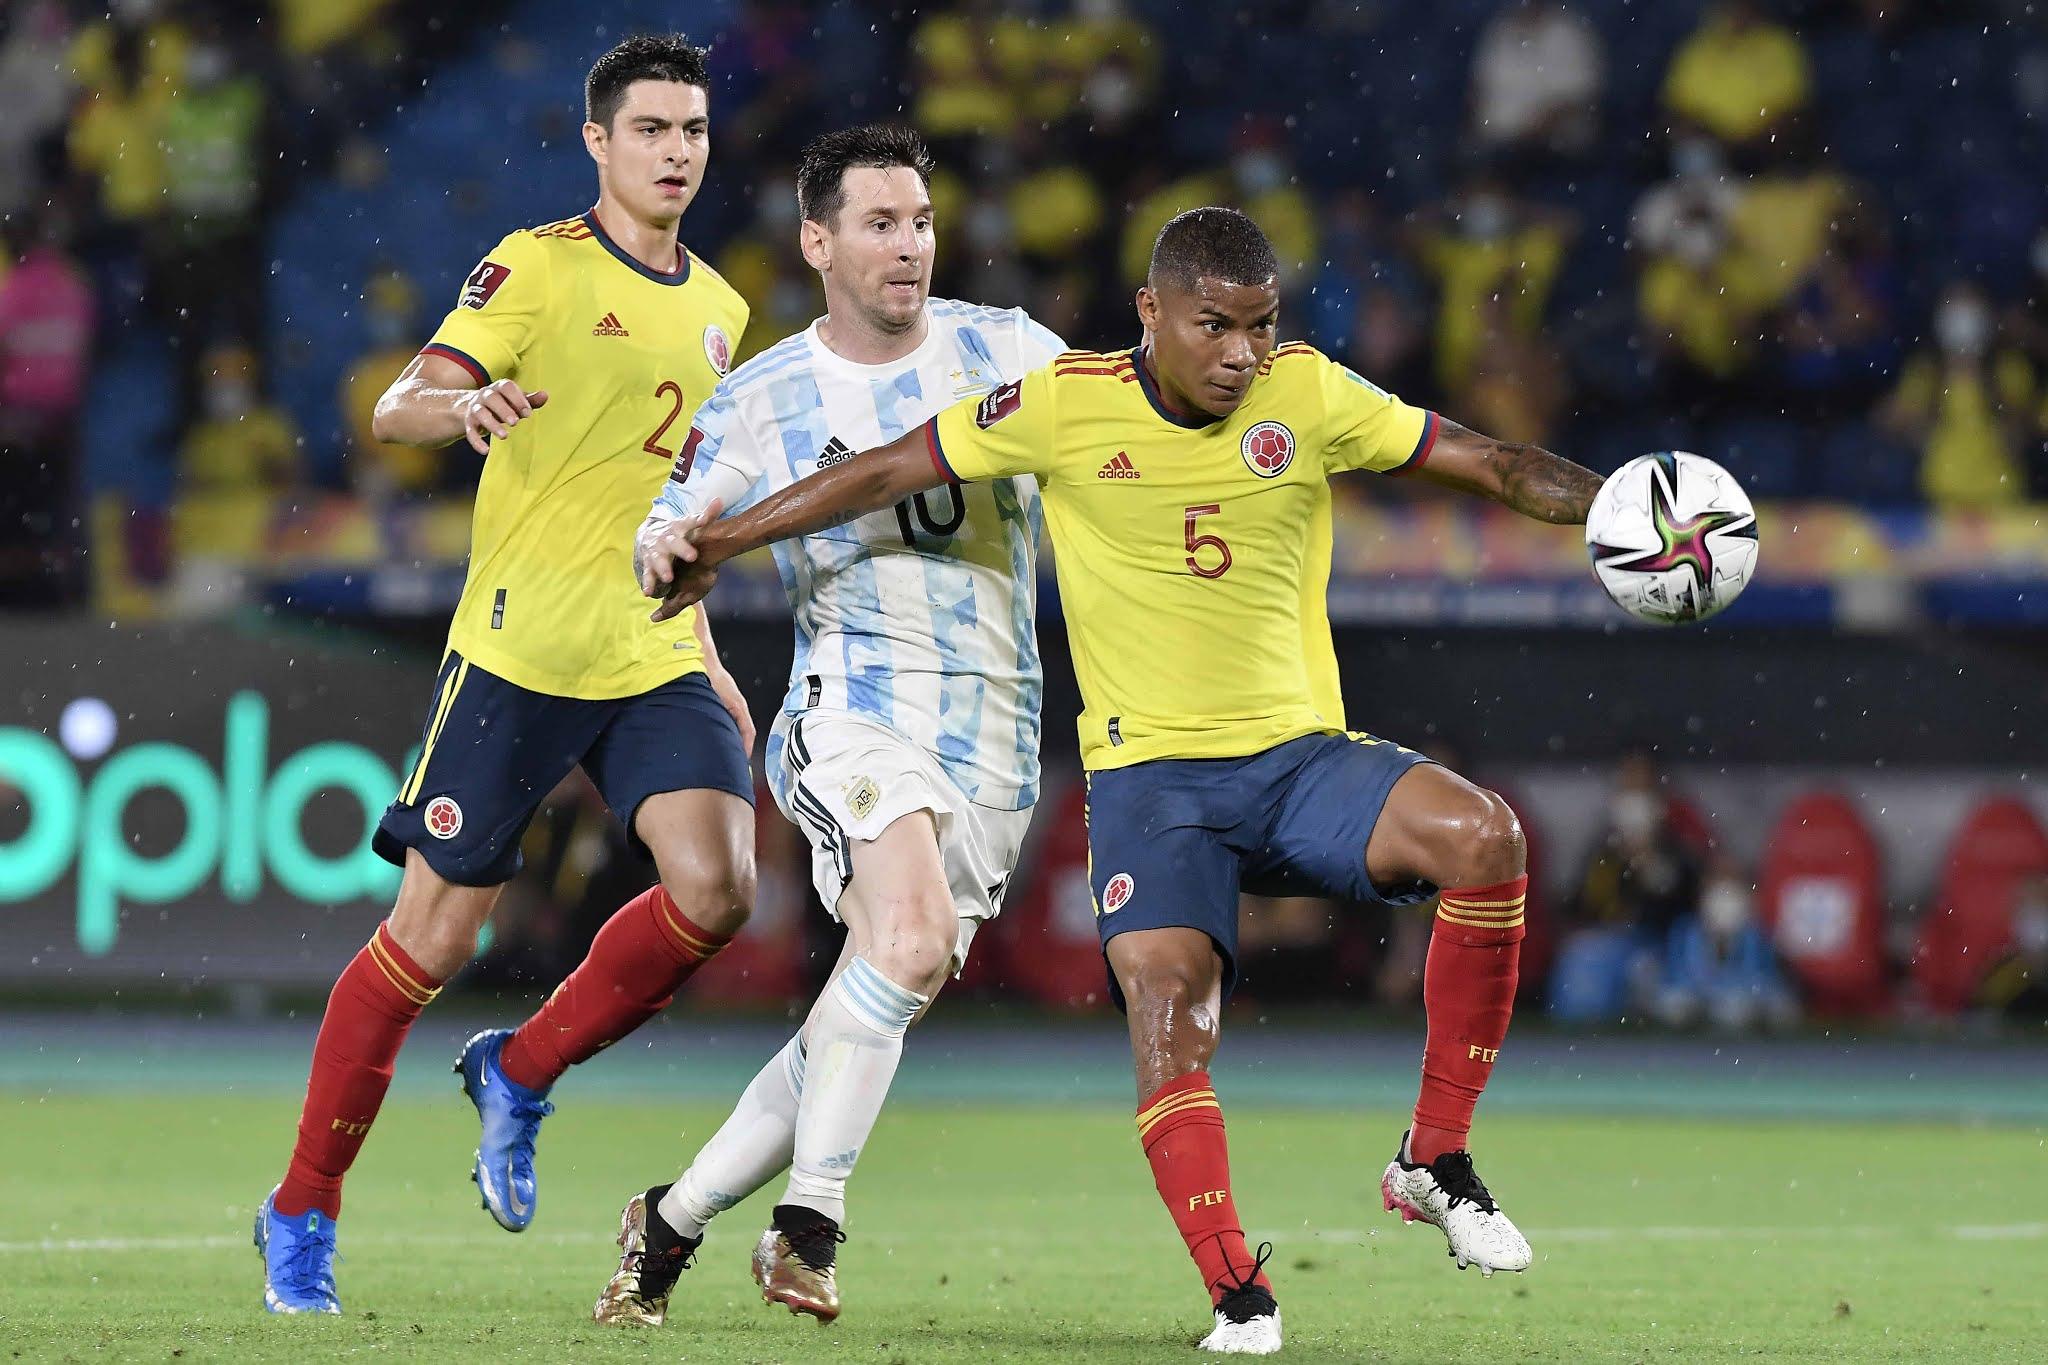 Eliminatorias Sudamericanas: La Selección Argentina se le escapó sobre el final contra Colombia